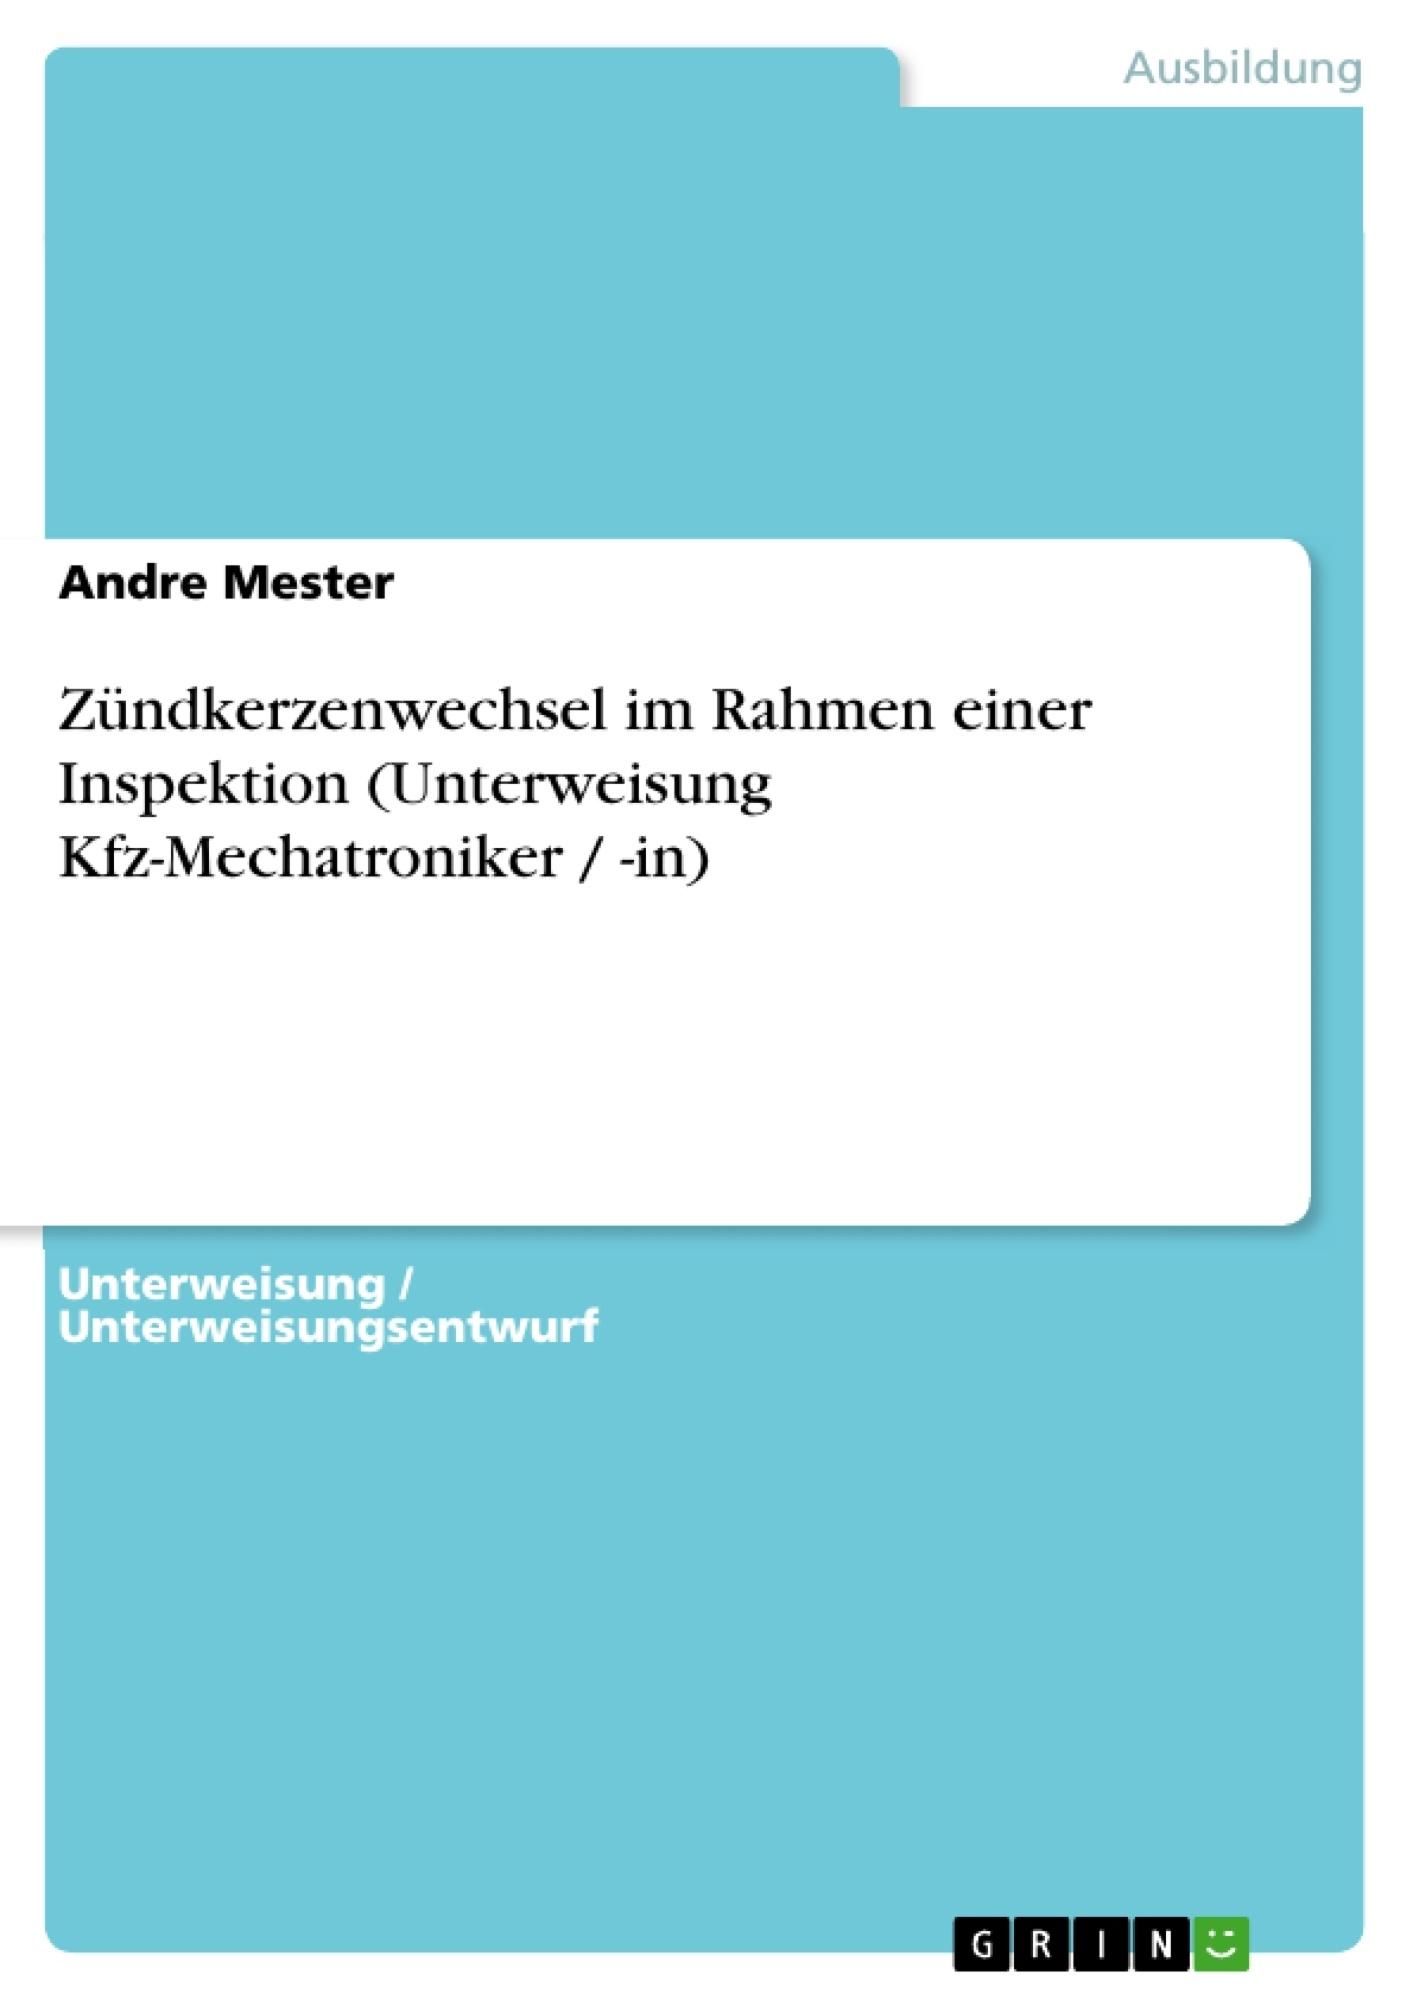 Titel: Zündkerzenwechsel im Rahmen einer Inspektion (Unterweisung Kfz-Mechatroniker / -in)